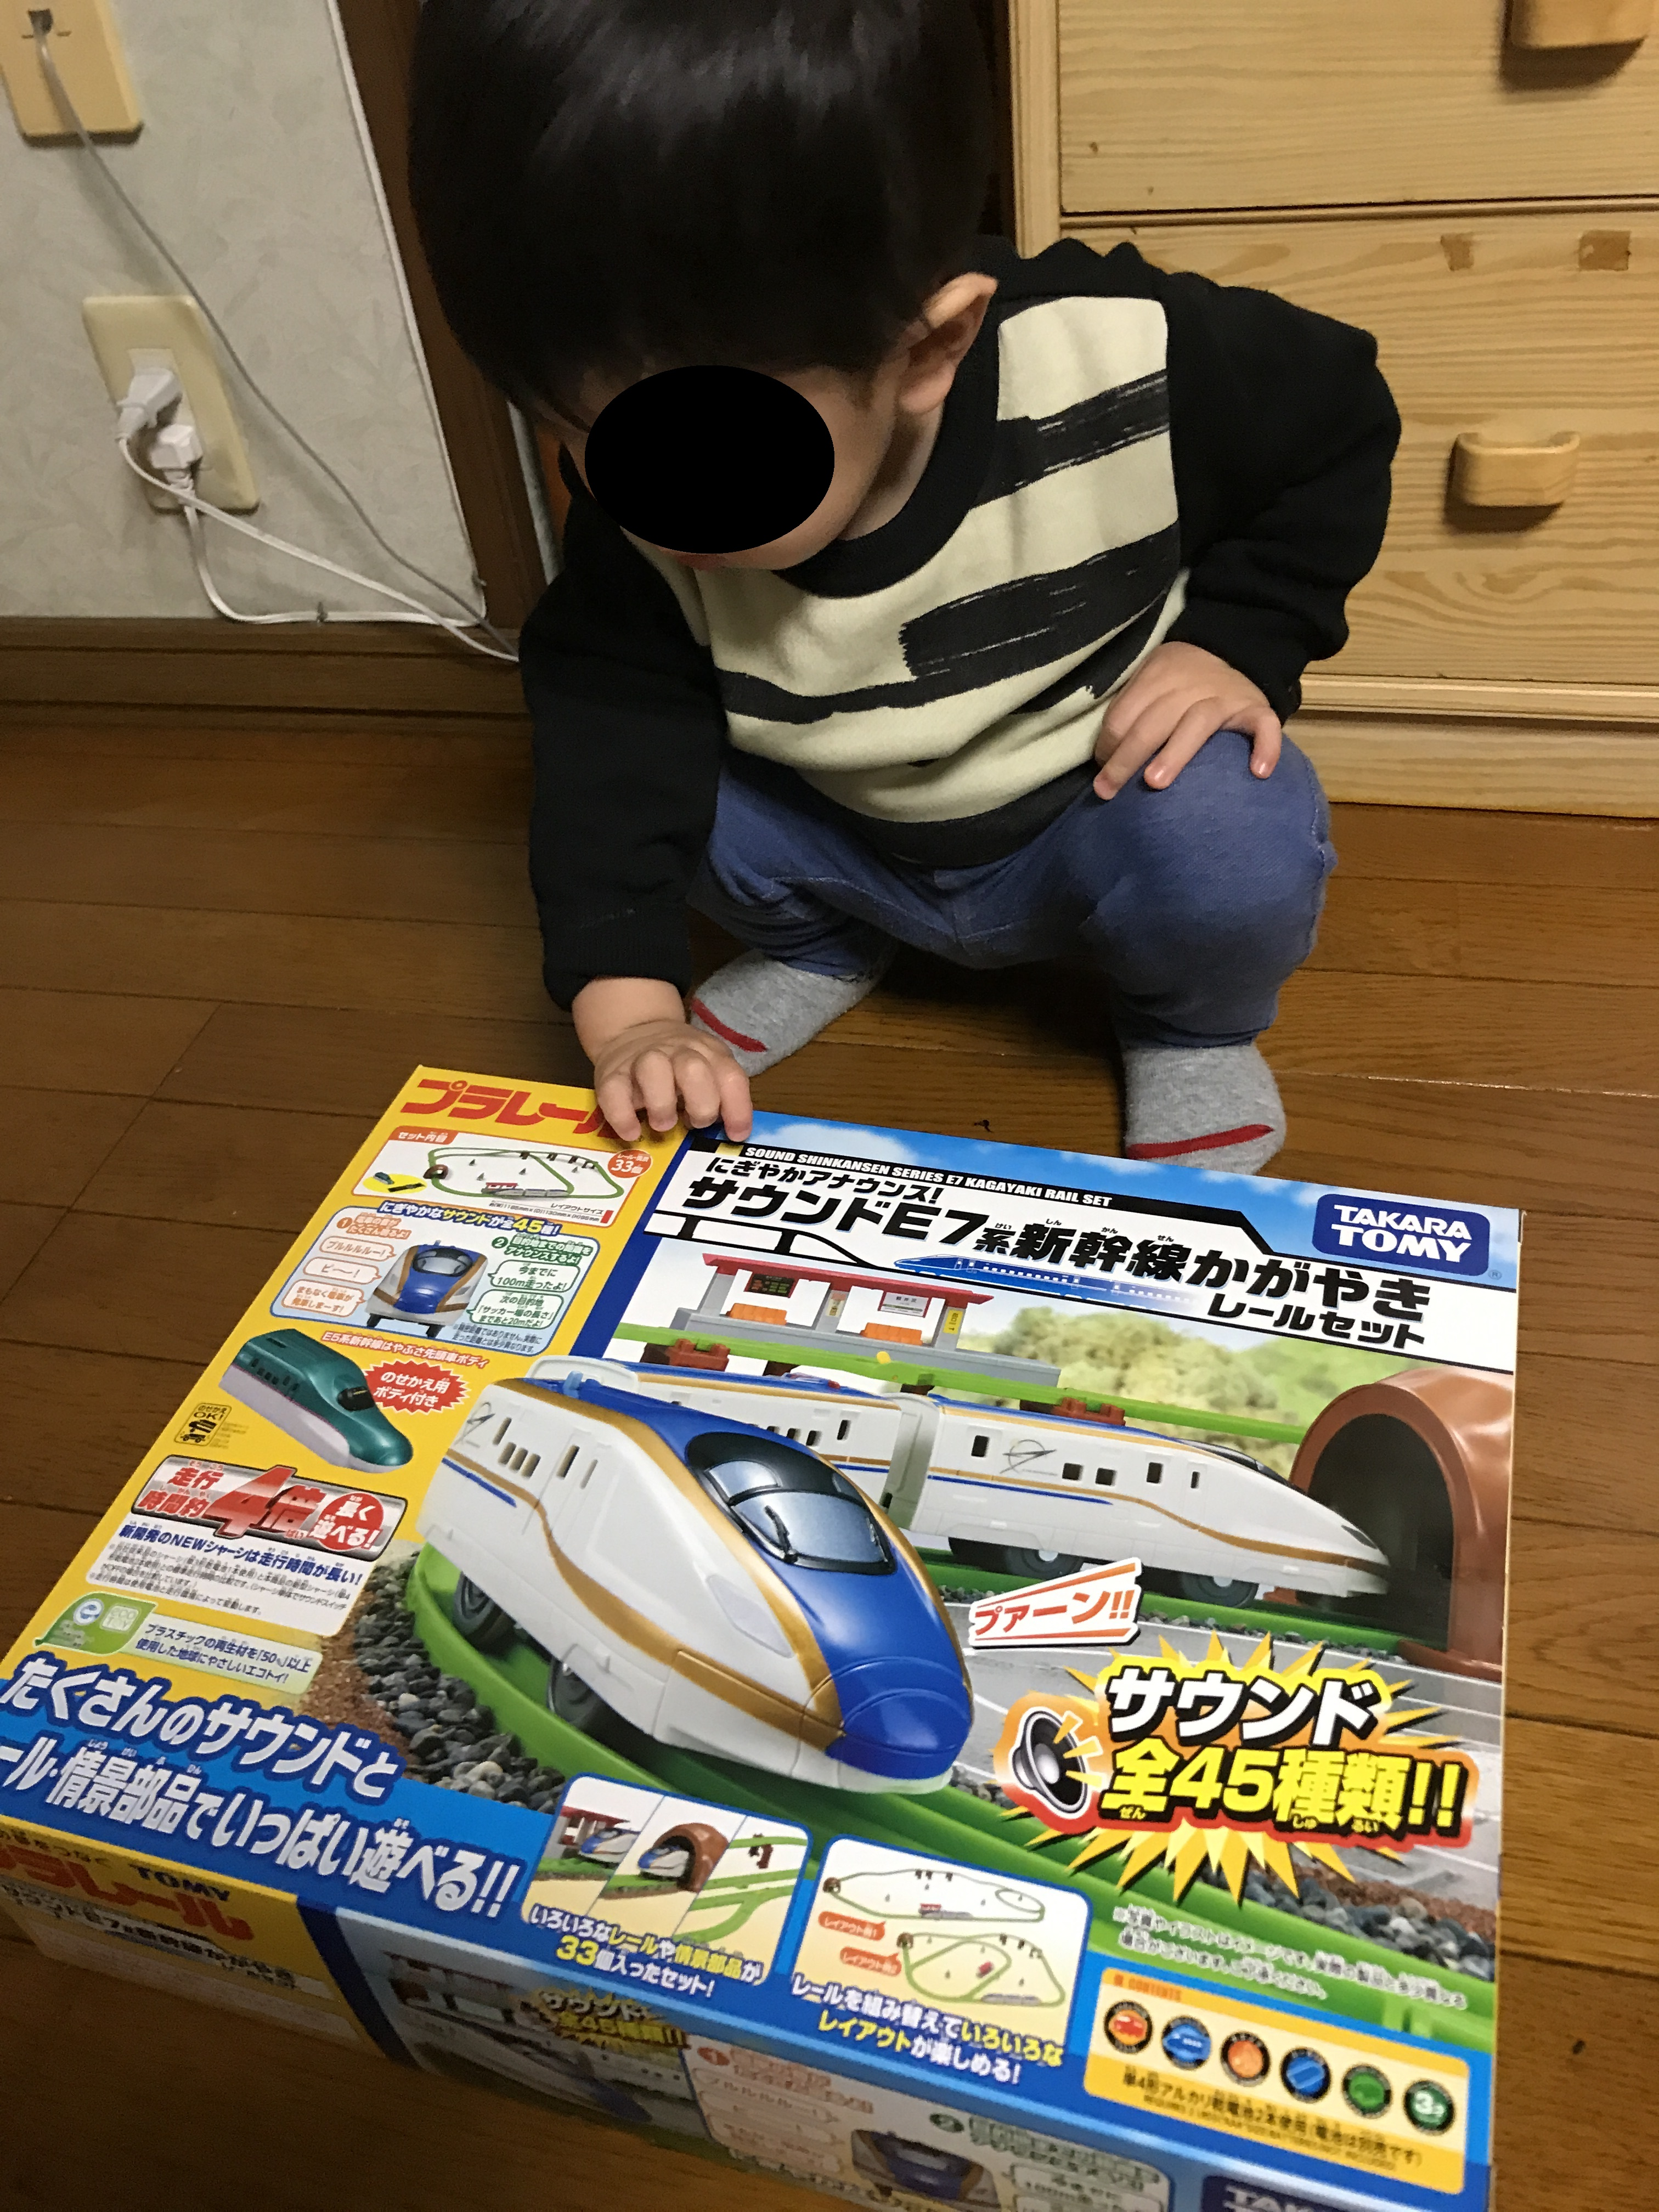 http://n-ko.jp/staffblog/2017/12/28/20171225_094852800_iOS.jpg